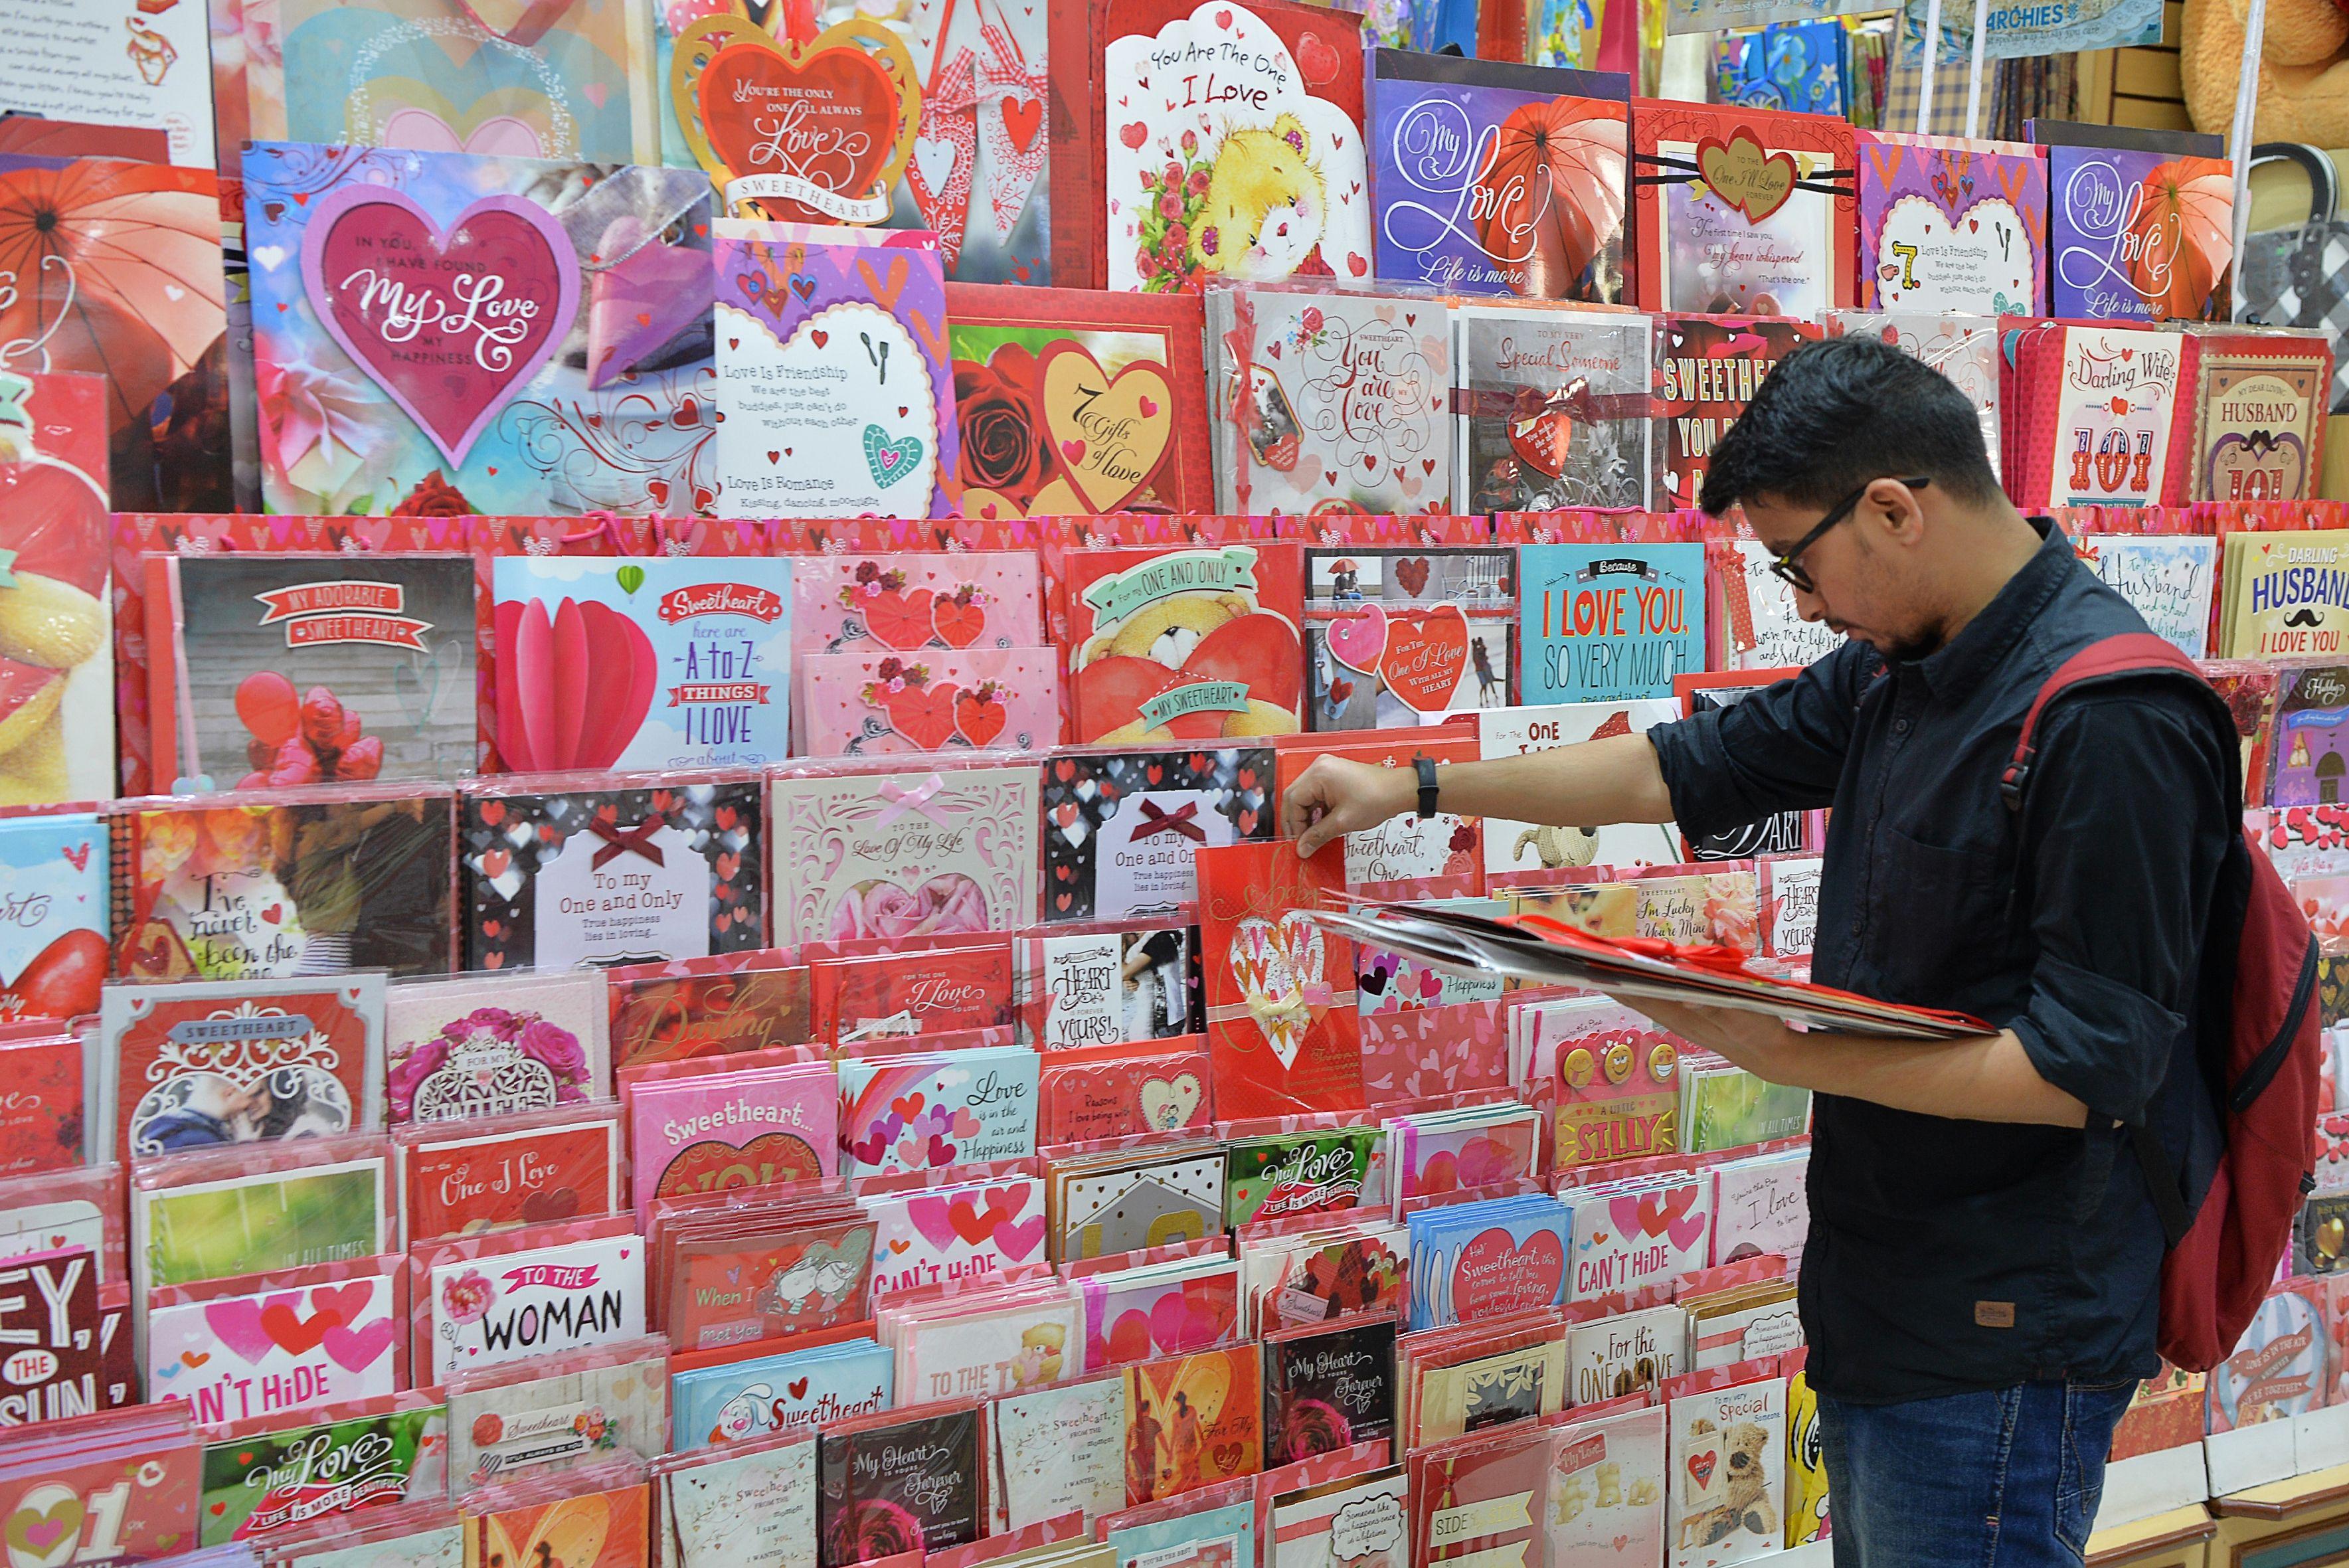 متجر فى الهند يتزين بعبارات الحب استعدادا لعيد الحب